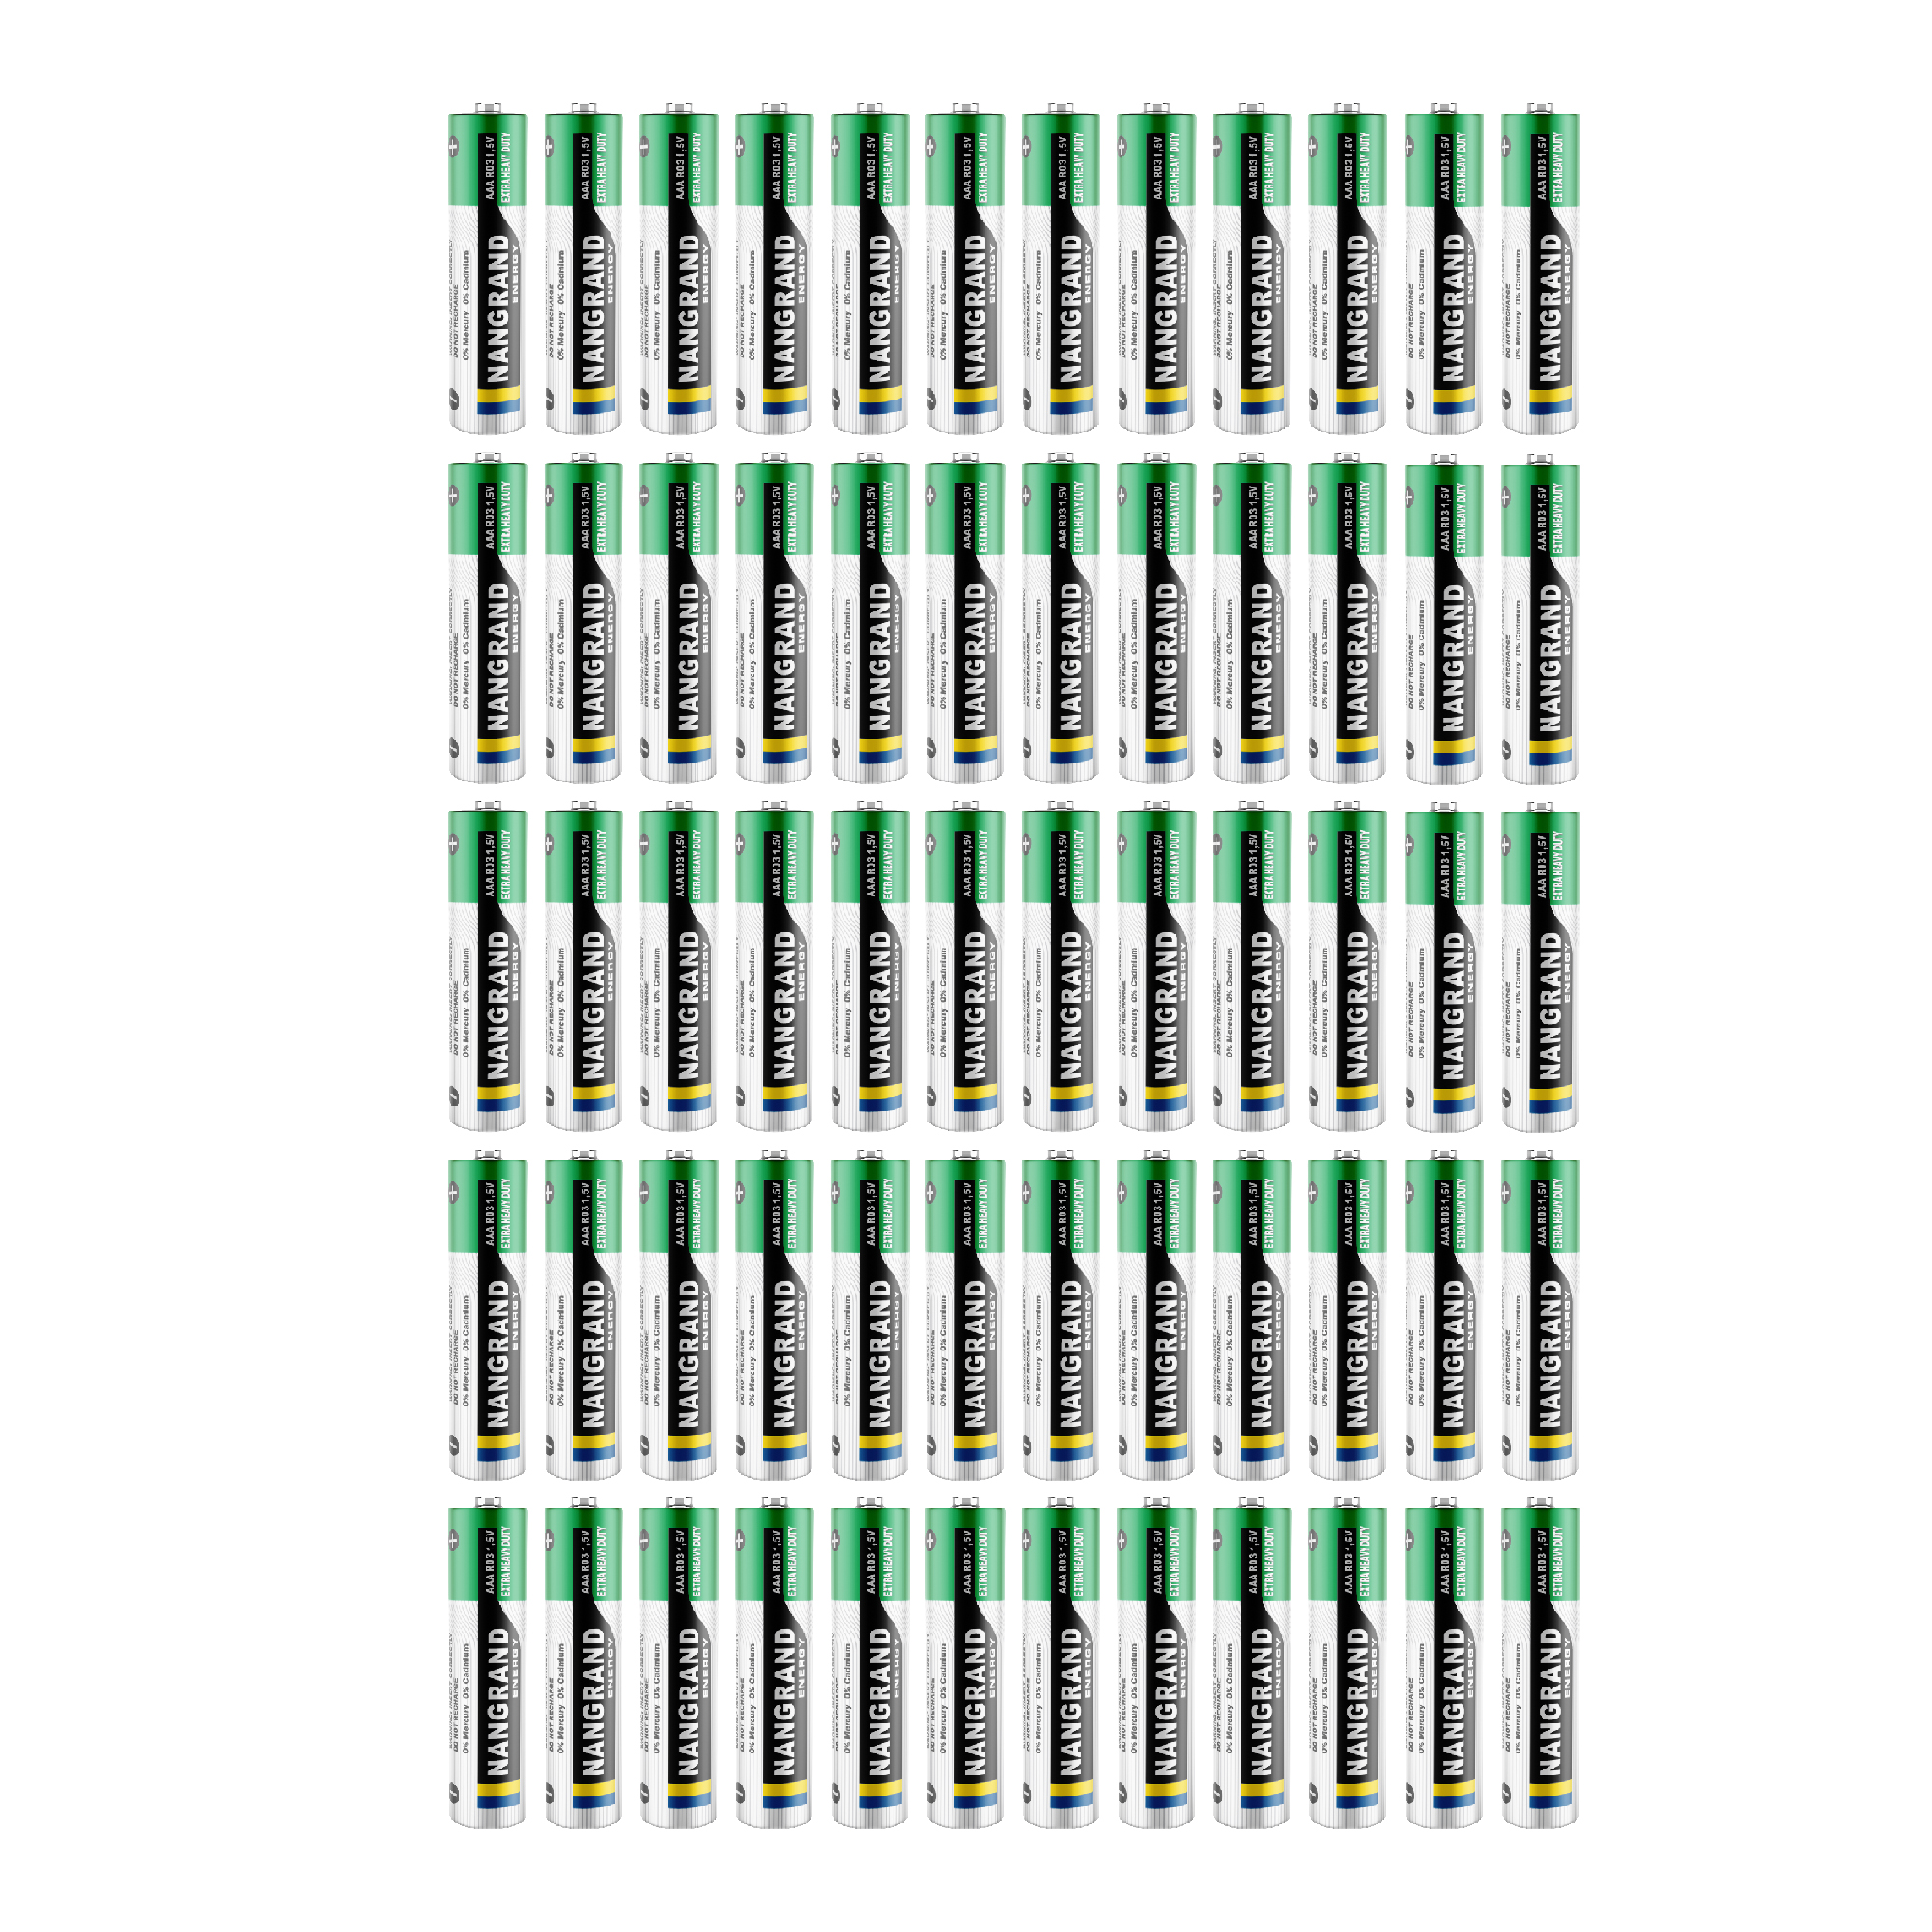 بررسی و {خرید با تخفیف} باتری قلمی نانگرند مدل Extra Heavy Duty بسته 60 عددی اصل